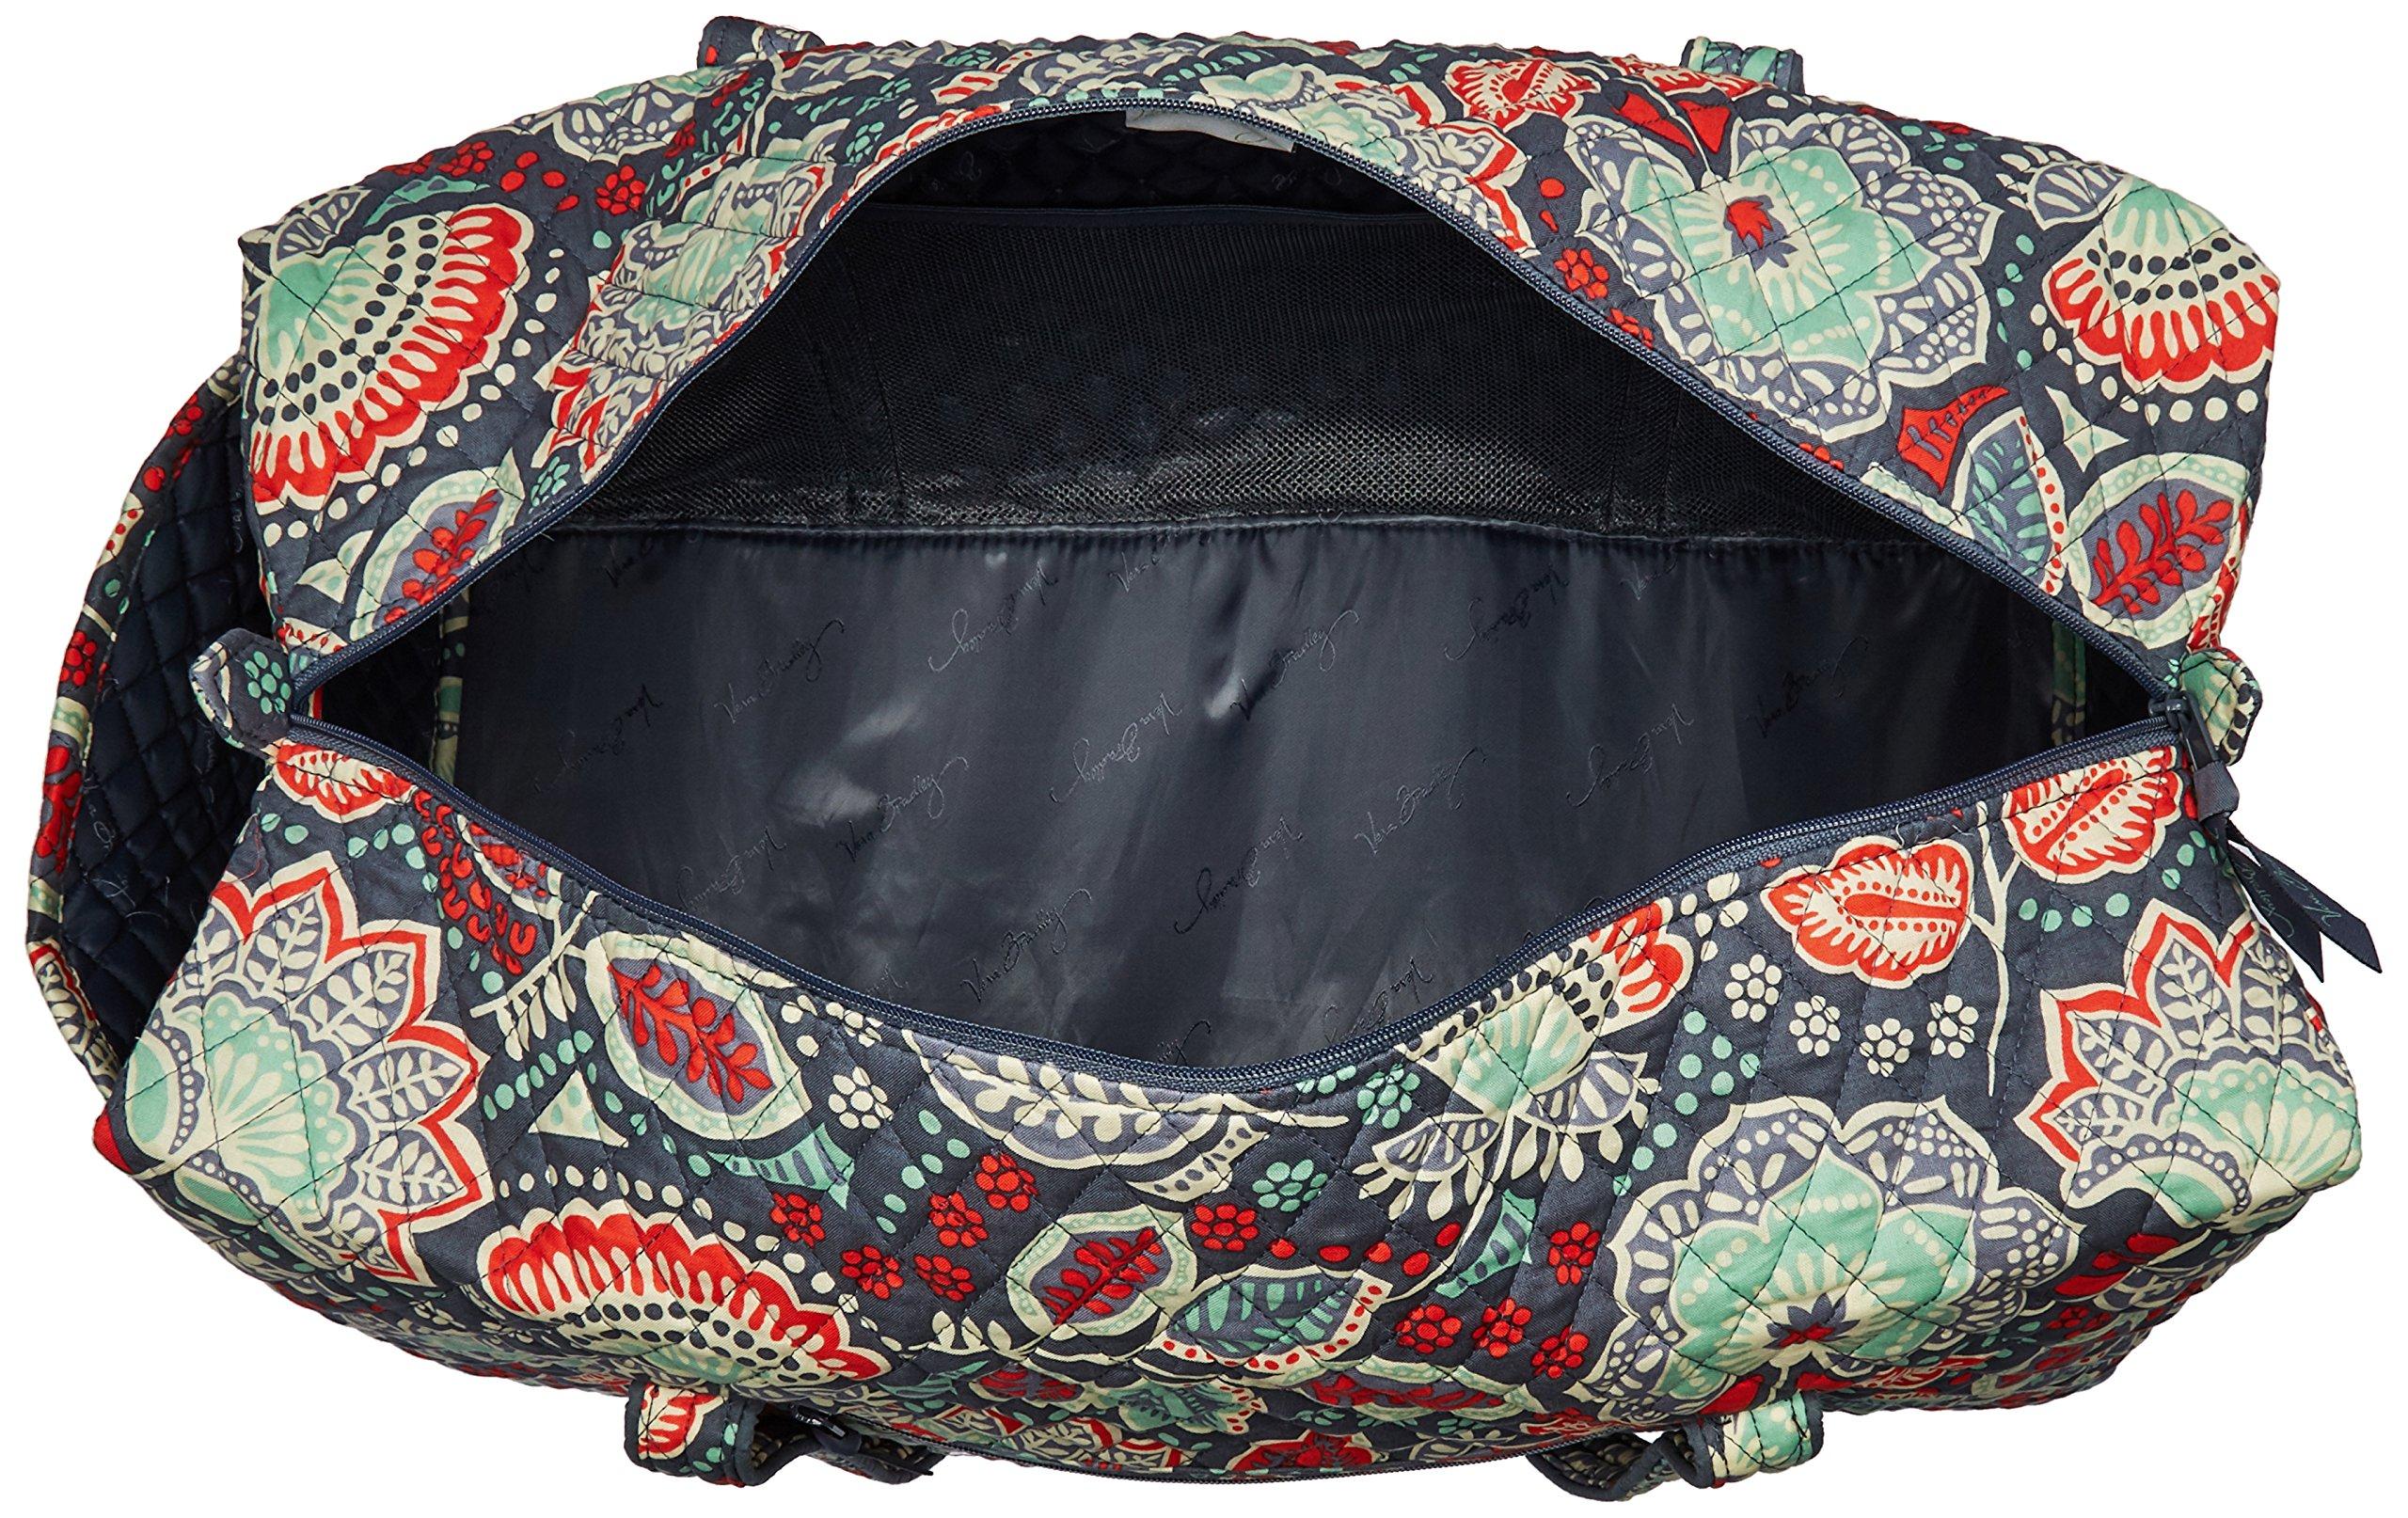 Vera Bradley Luggage Women's Large Duffel Nomadic Floral Duffel Bag by Vera Bradley (Image #5)